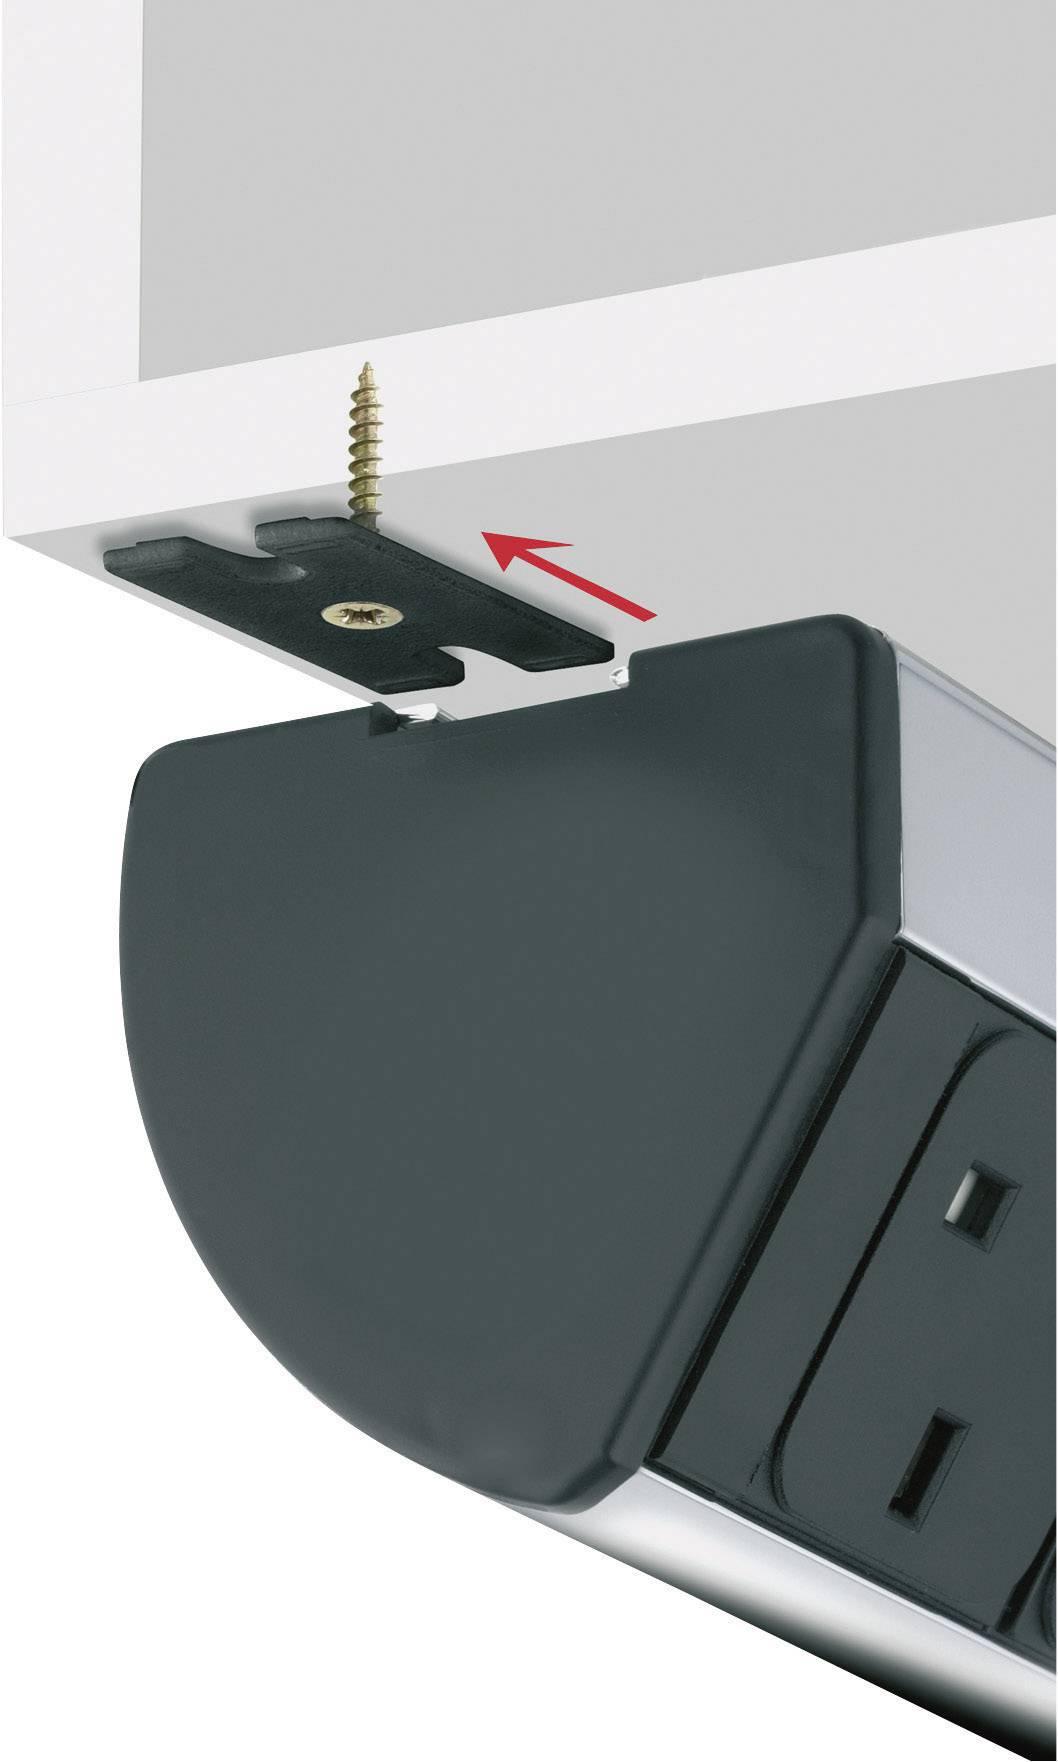 Sada úchytů pro montáž ze spodní části stolu Schulte Elektrotechnik, 99090383, černá